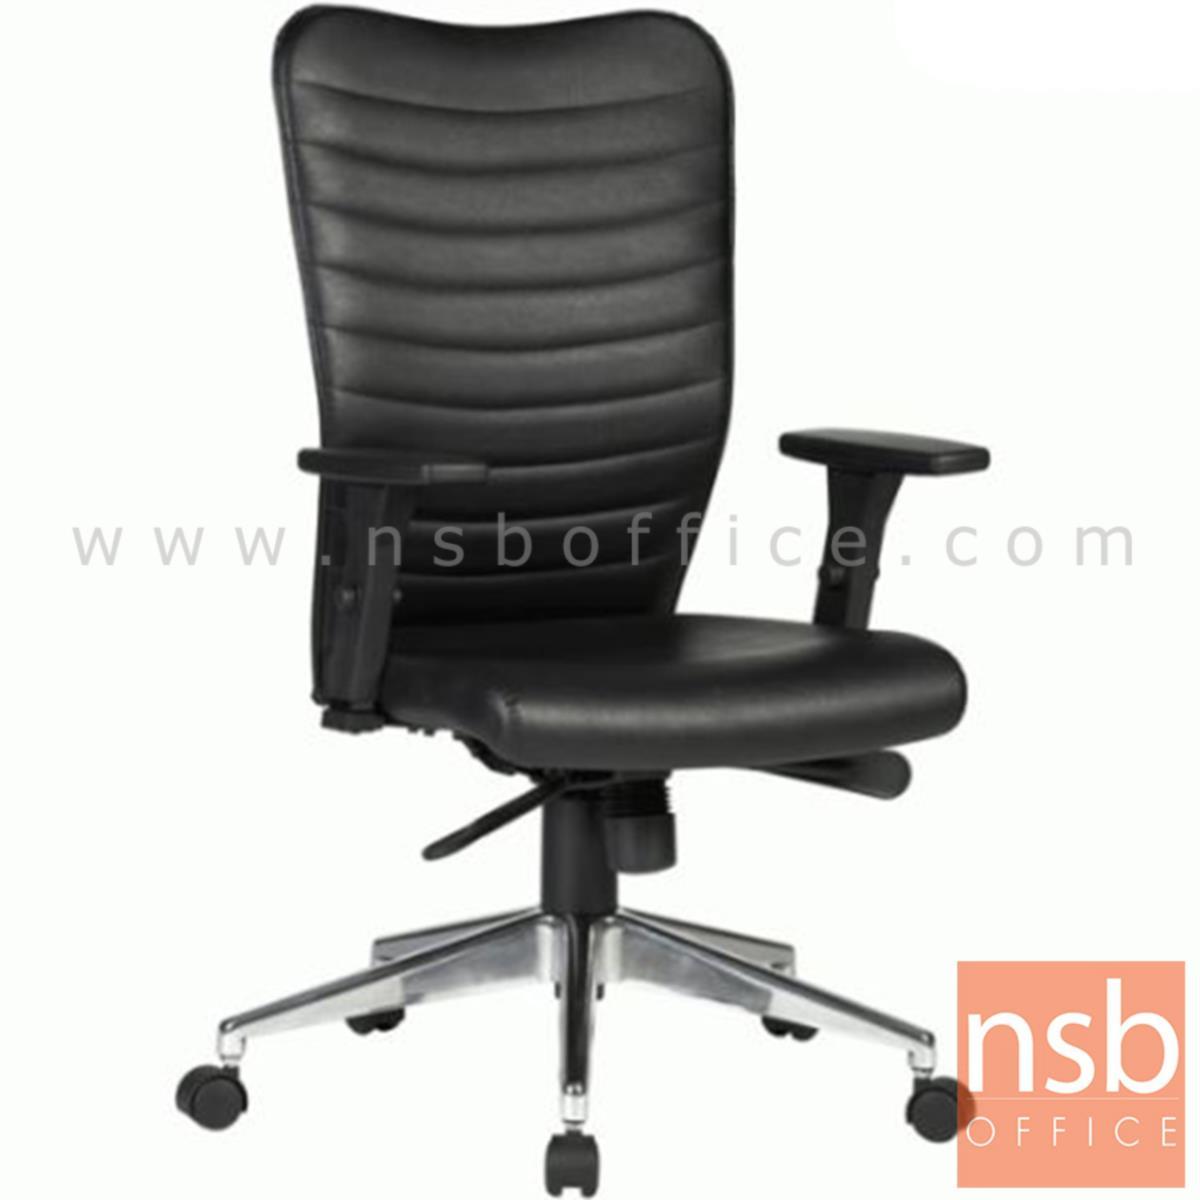 B26A065:เก้าอี้สำนักงาน รุ่น UY-13571-54  โช๊คแก๊ส มีก้อนโยก ขาอลูมิเนียม